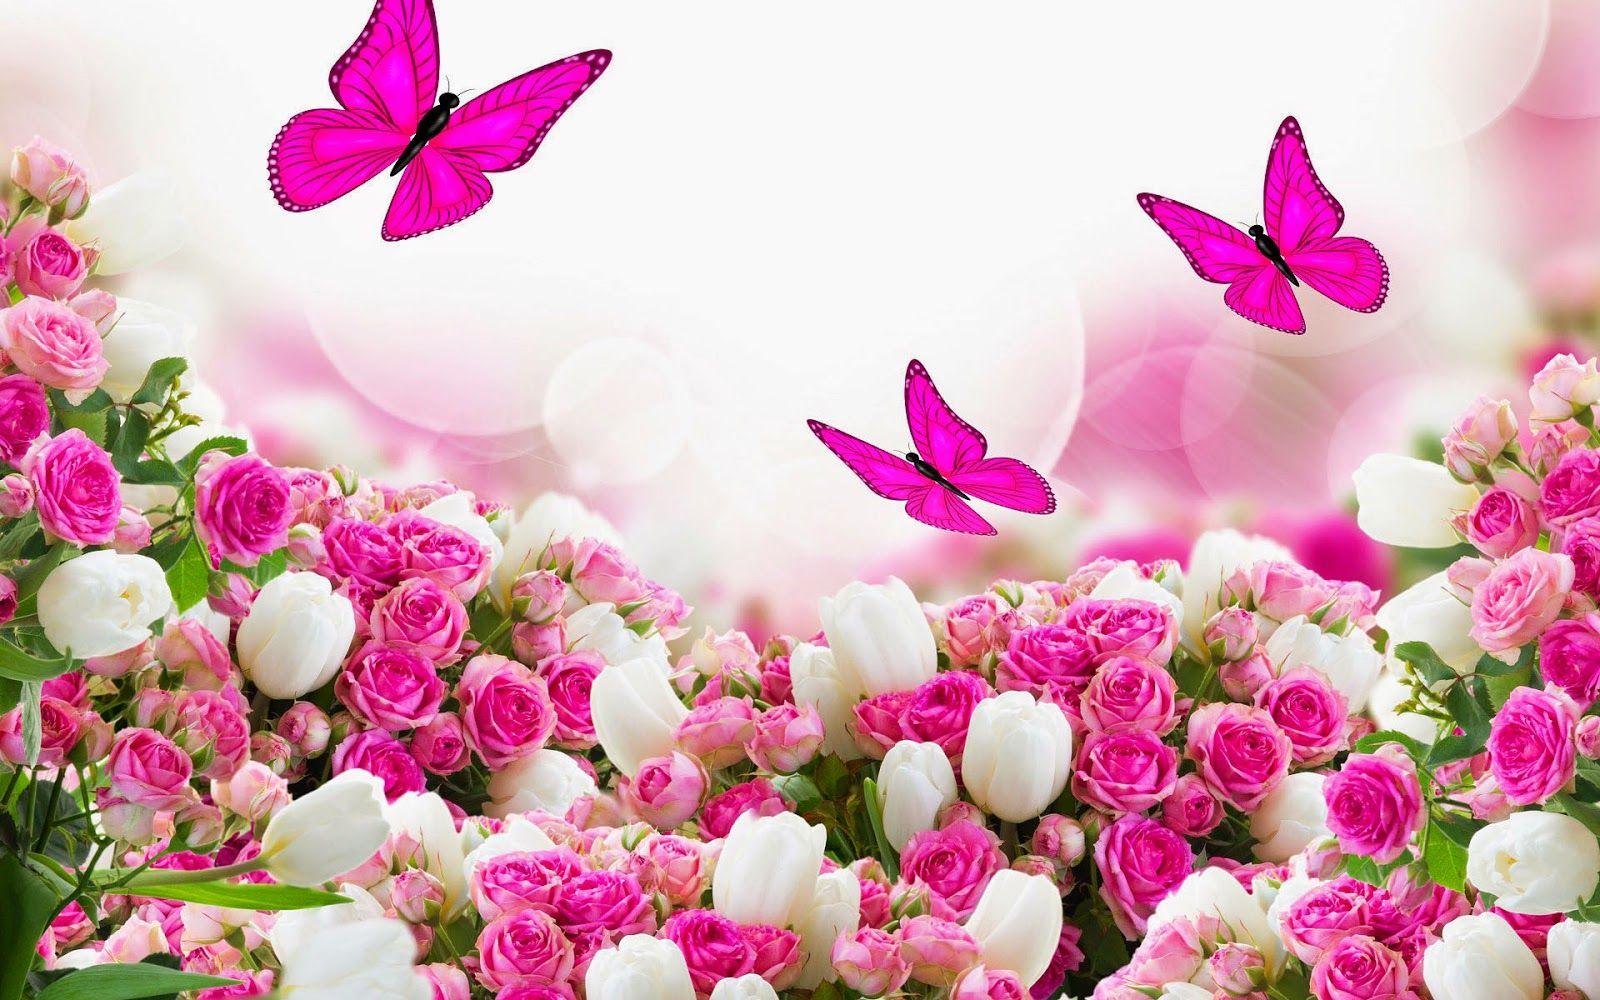 Schmetterlingen tulpen und rosen wallpaper  Flower  Pinterest  Rosen Tulpen und Blumen